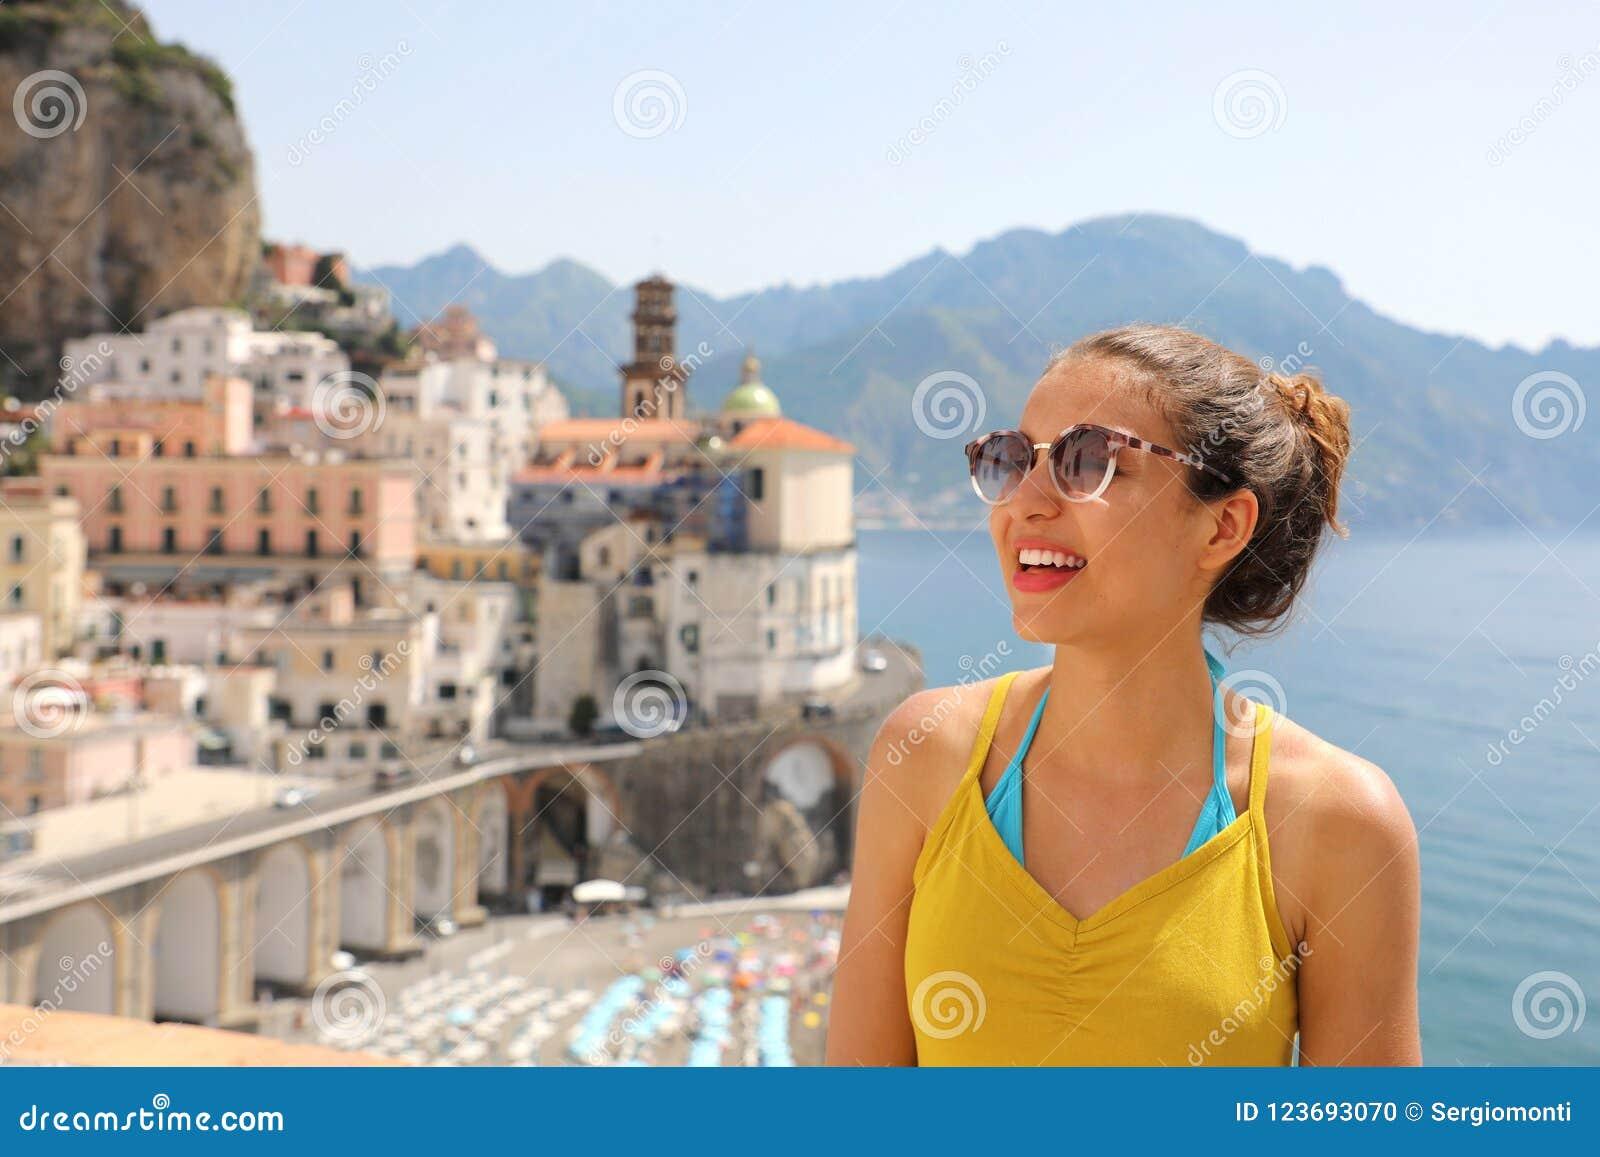 年轻微笑的妇女画象有太阳镜的在阿特拉尼村庄,阿马尔菲海岸,意大利 女性游人的图片